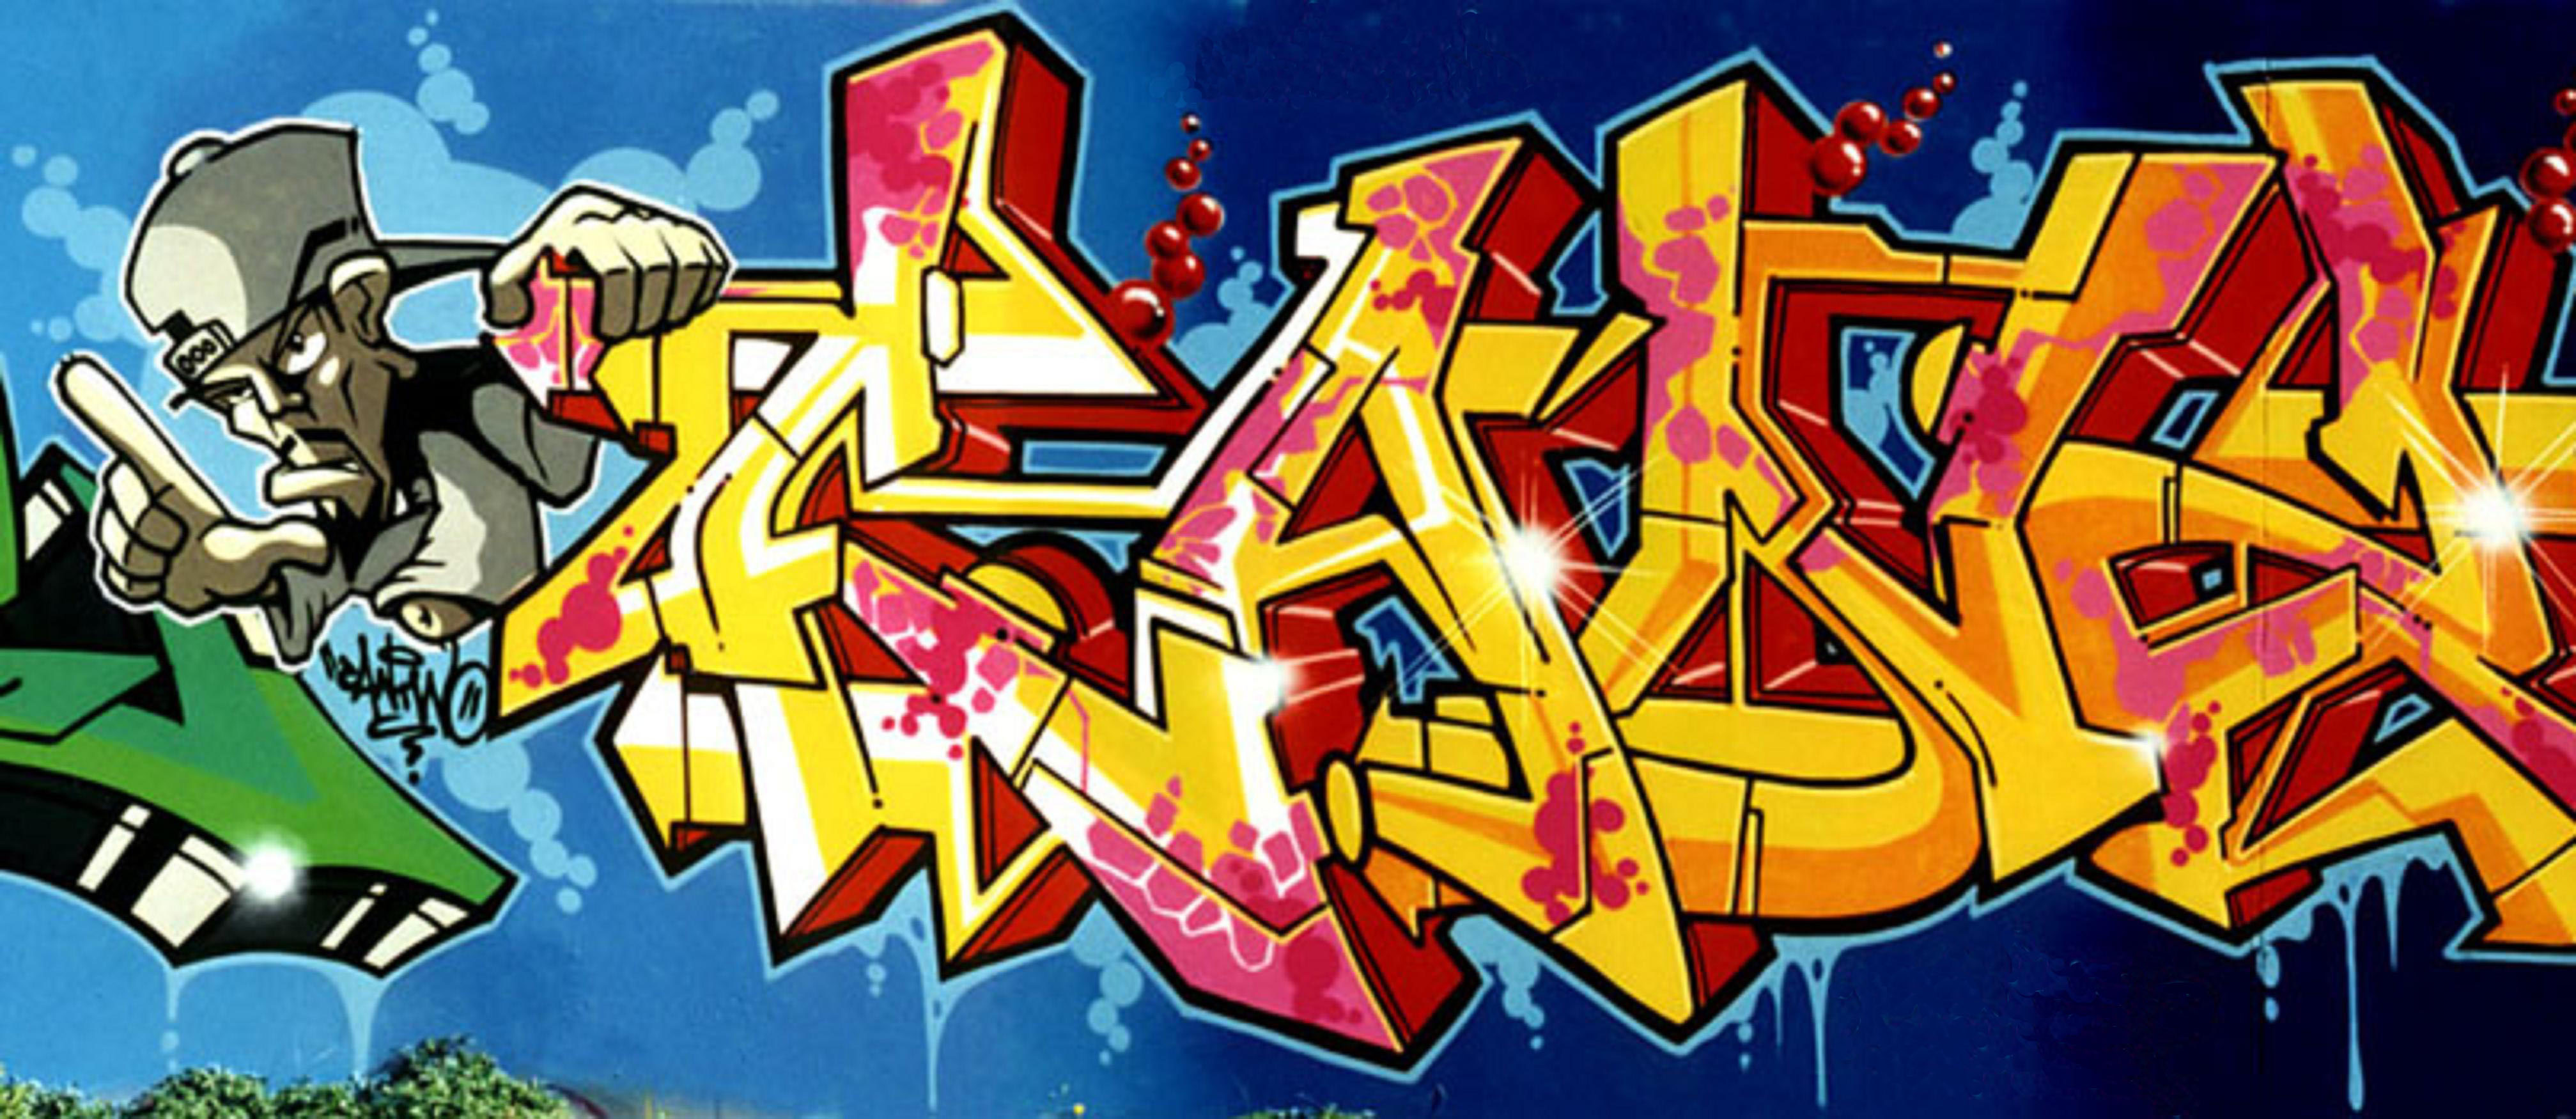 Can2-graffiti-art-3